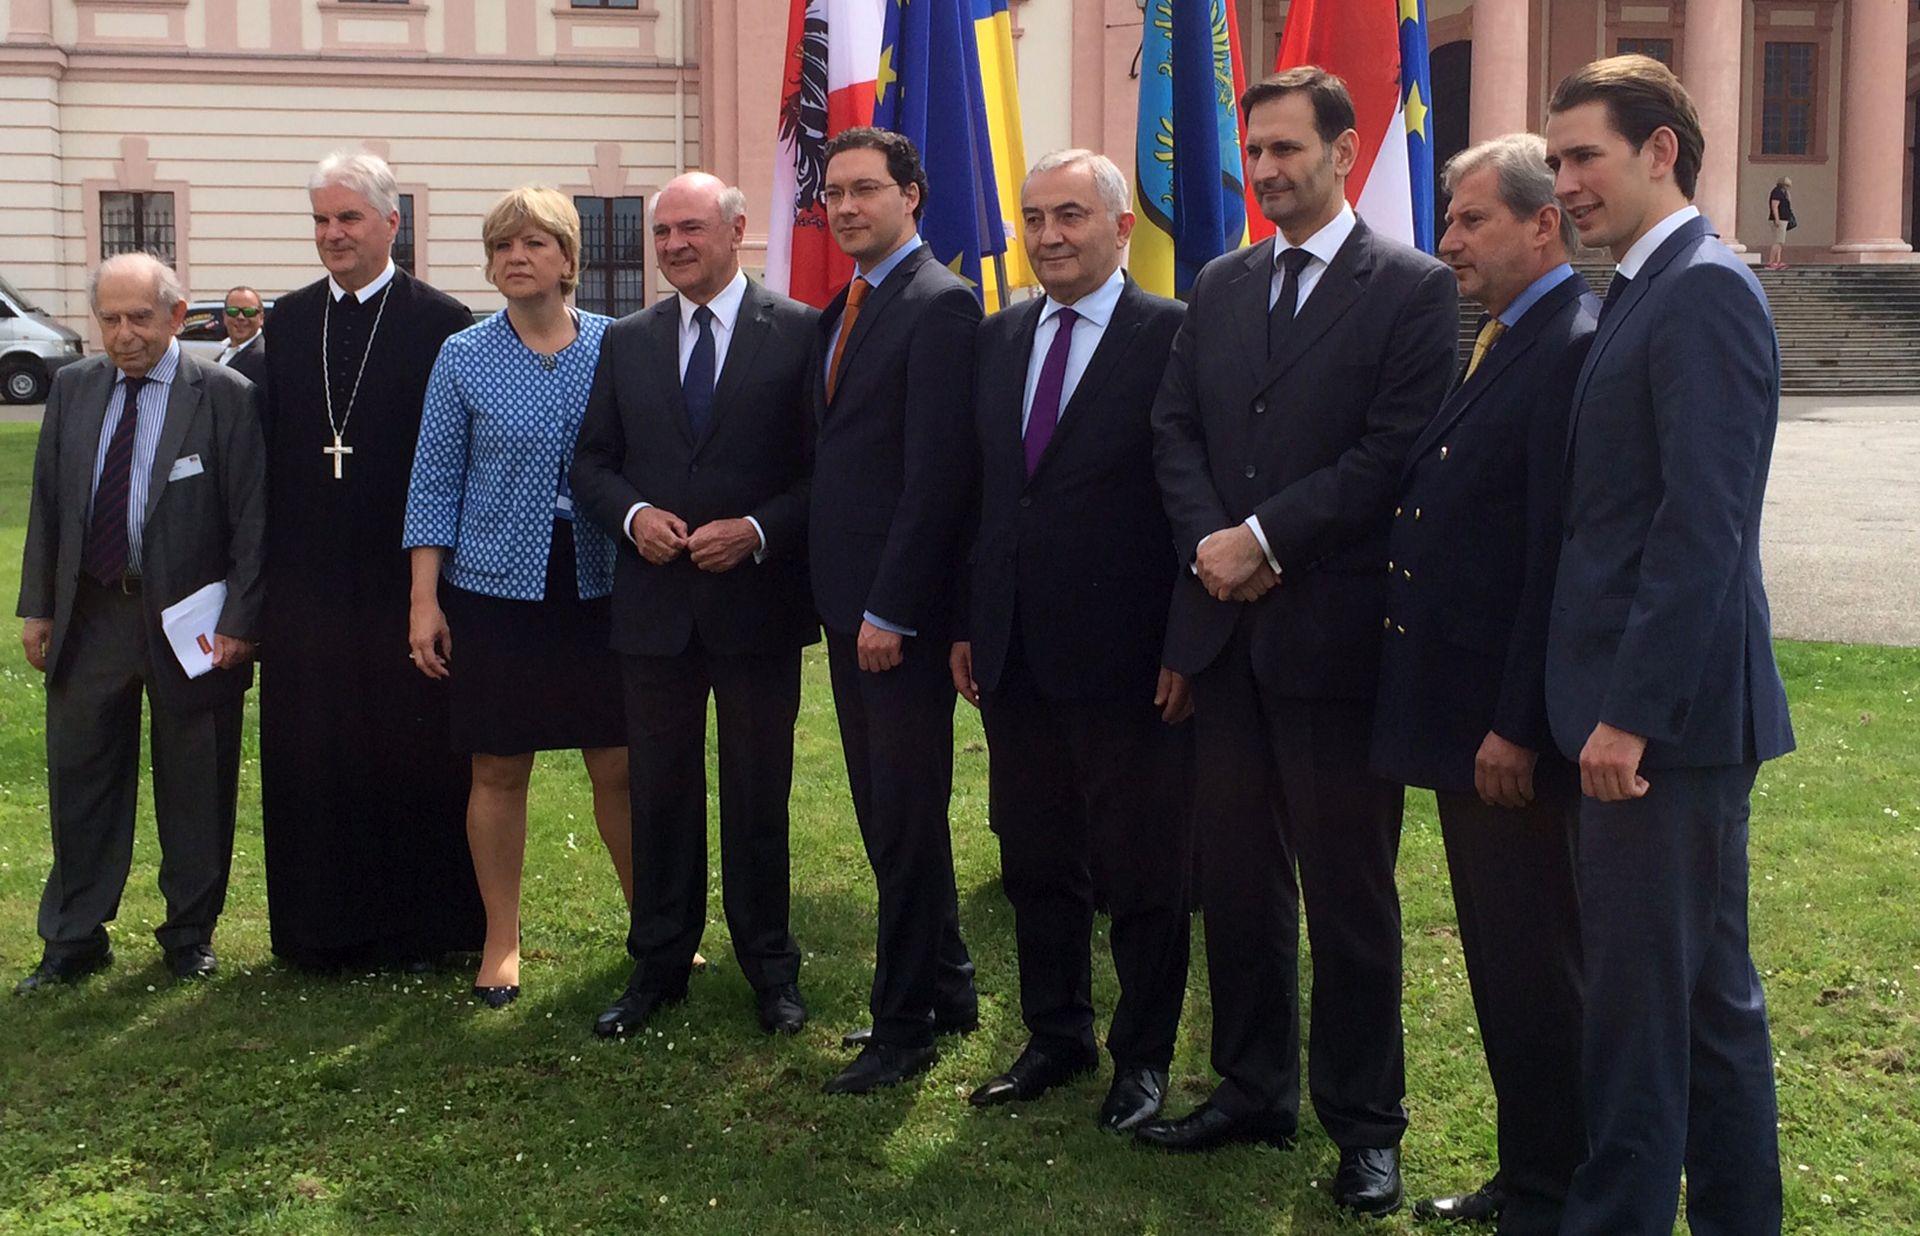 Miro Kovač: 'Europska unija je pokazala da se iz krize može vratiti jača'